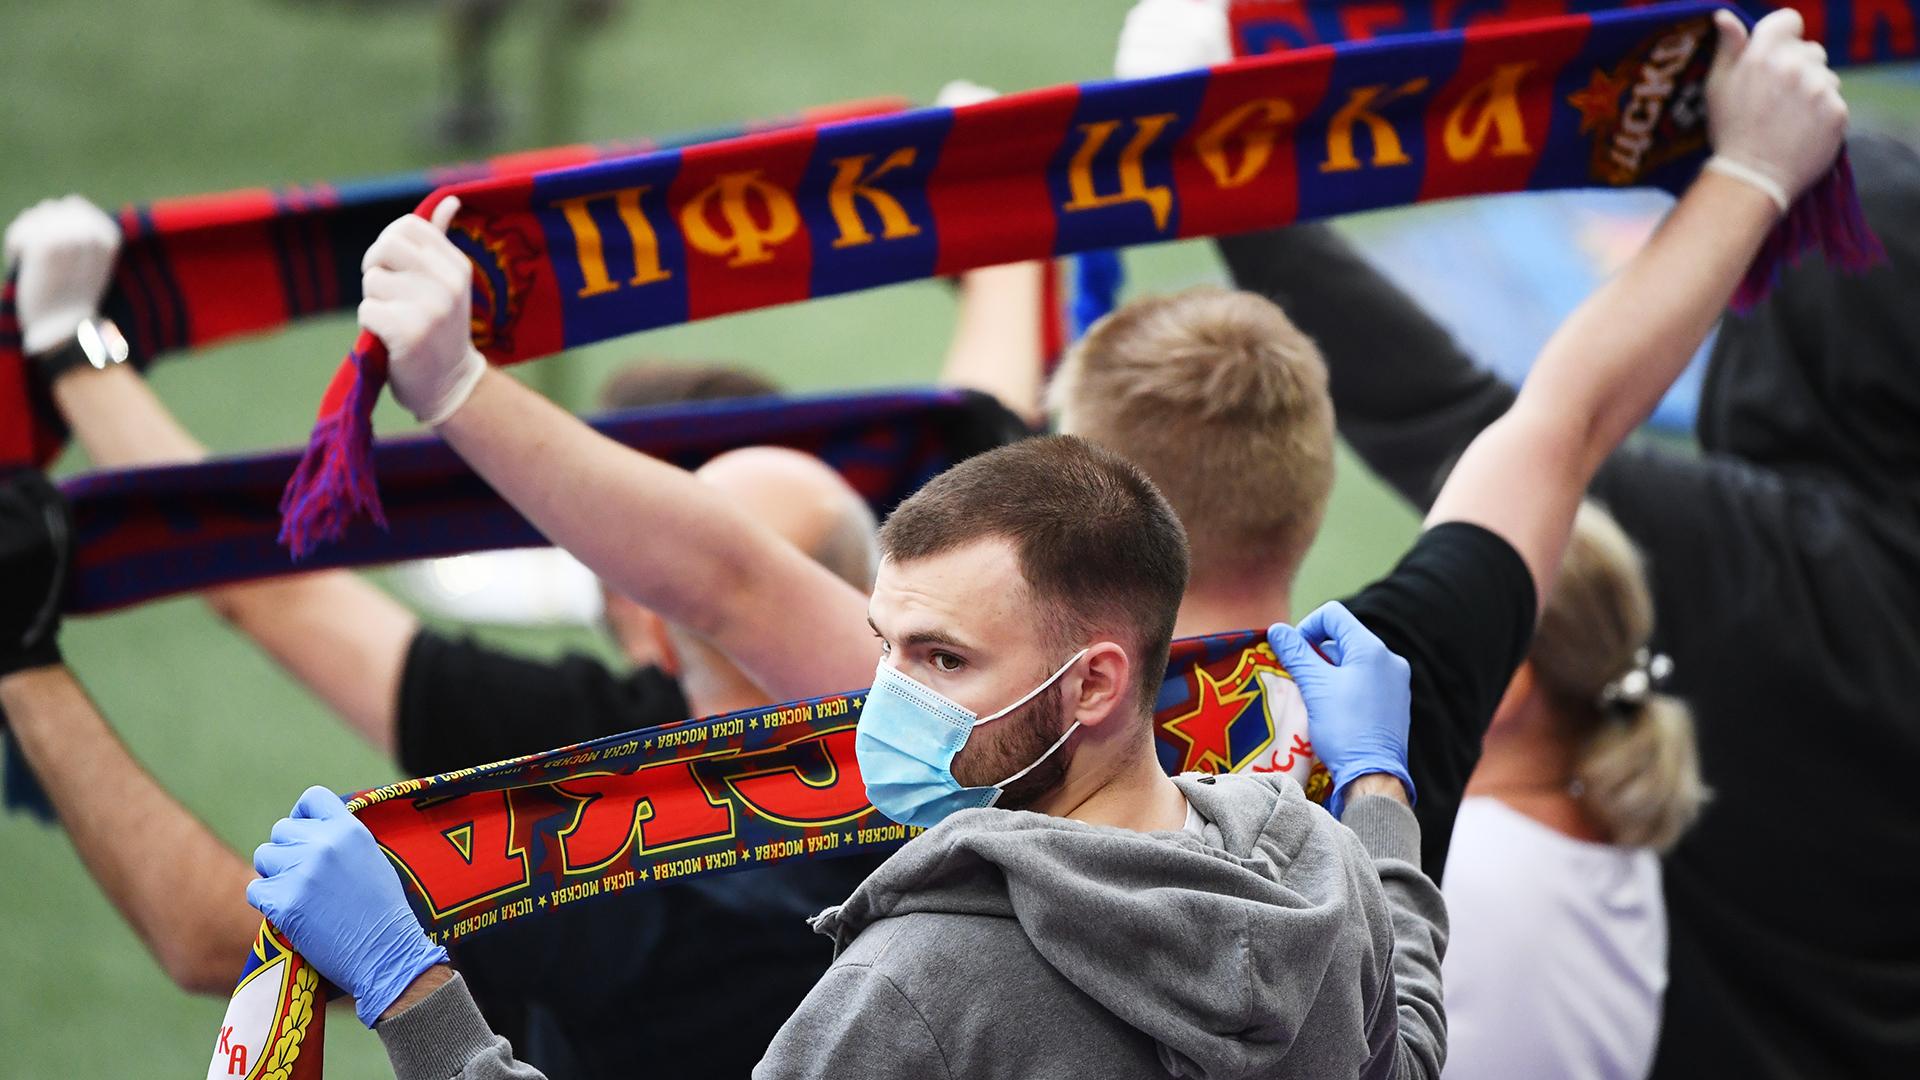 Маска, перчатки, гол: как выглядит футбол во время пандемии   Статьи    Известия